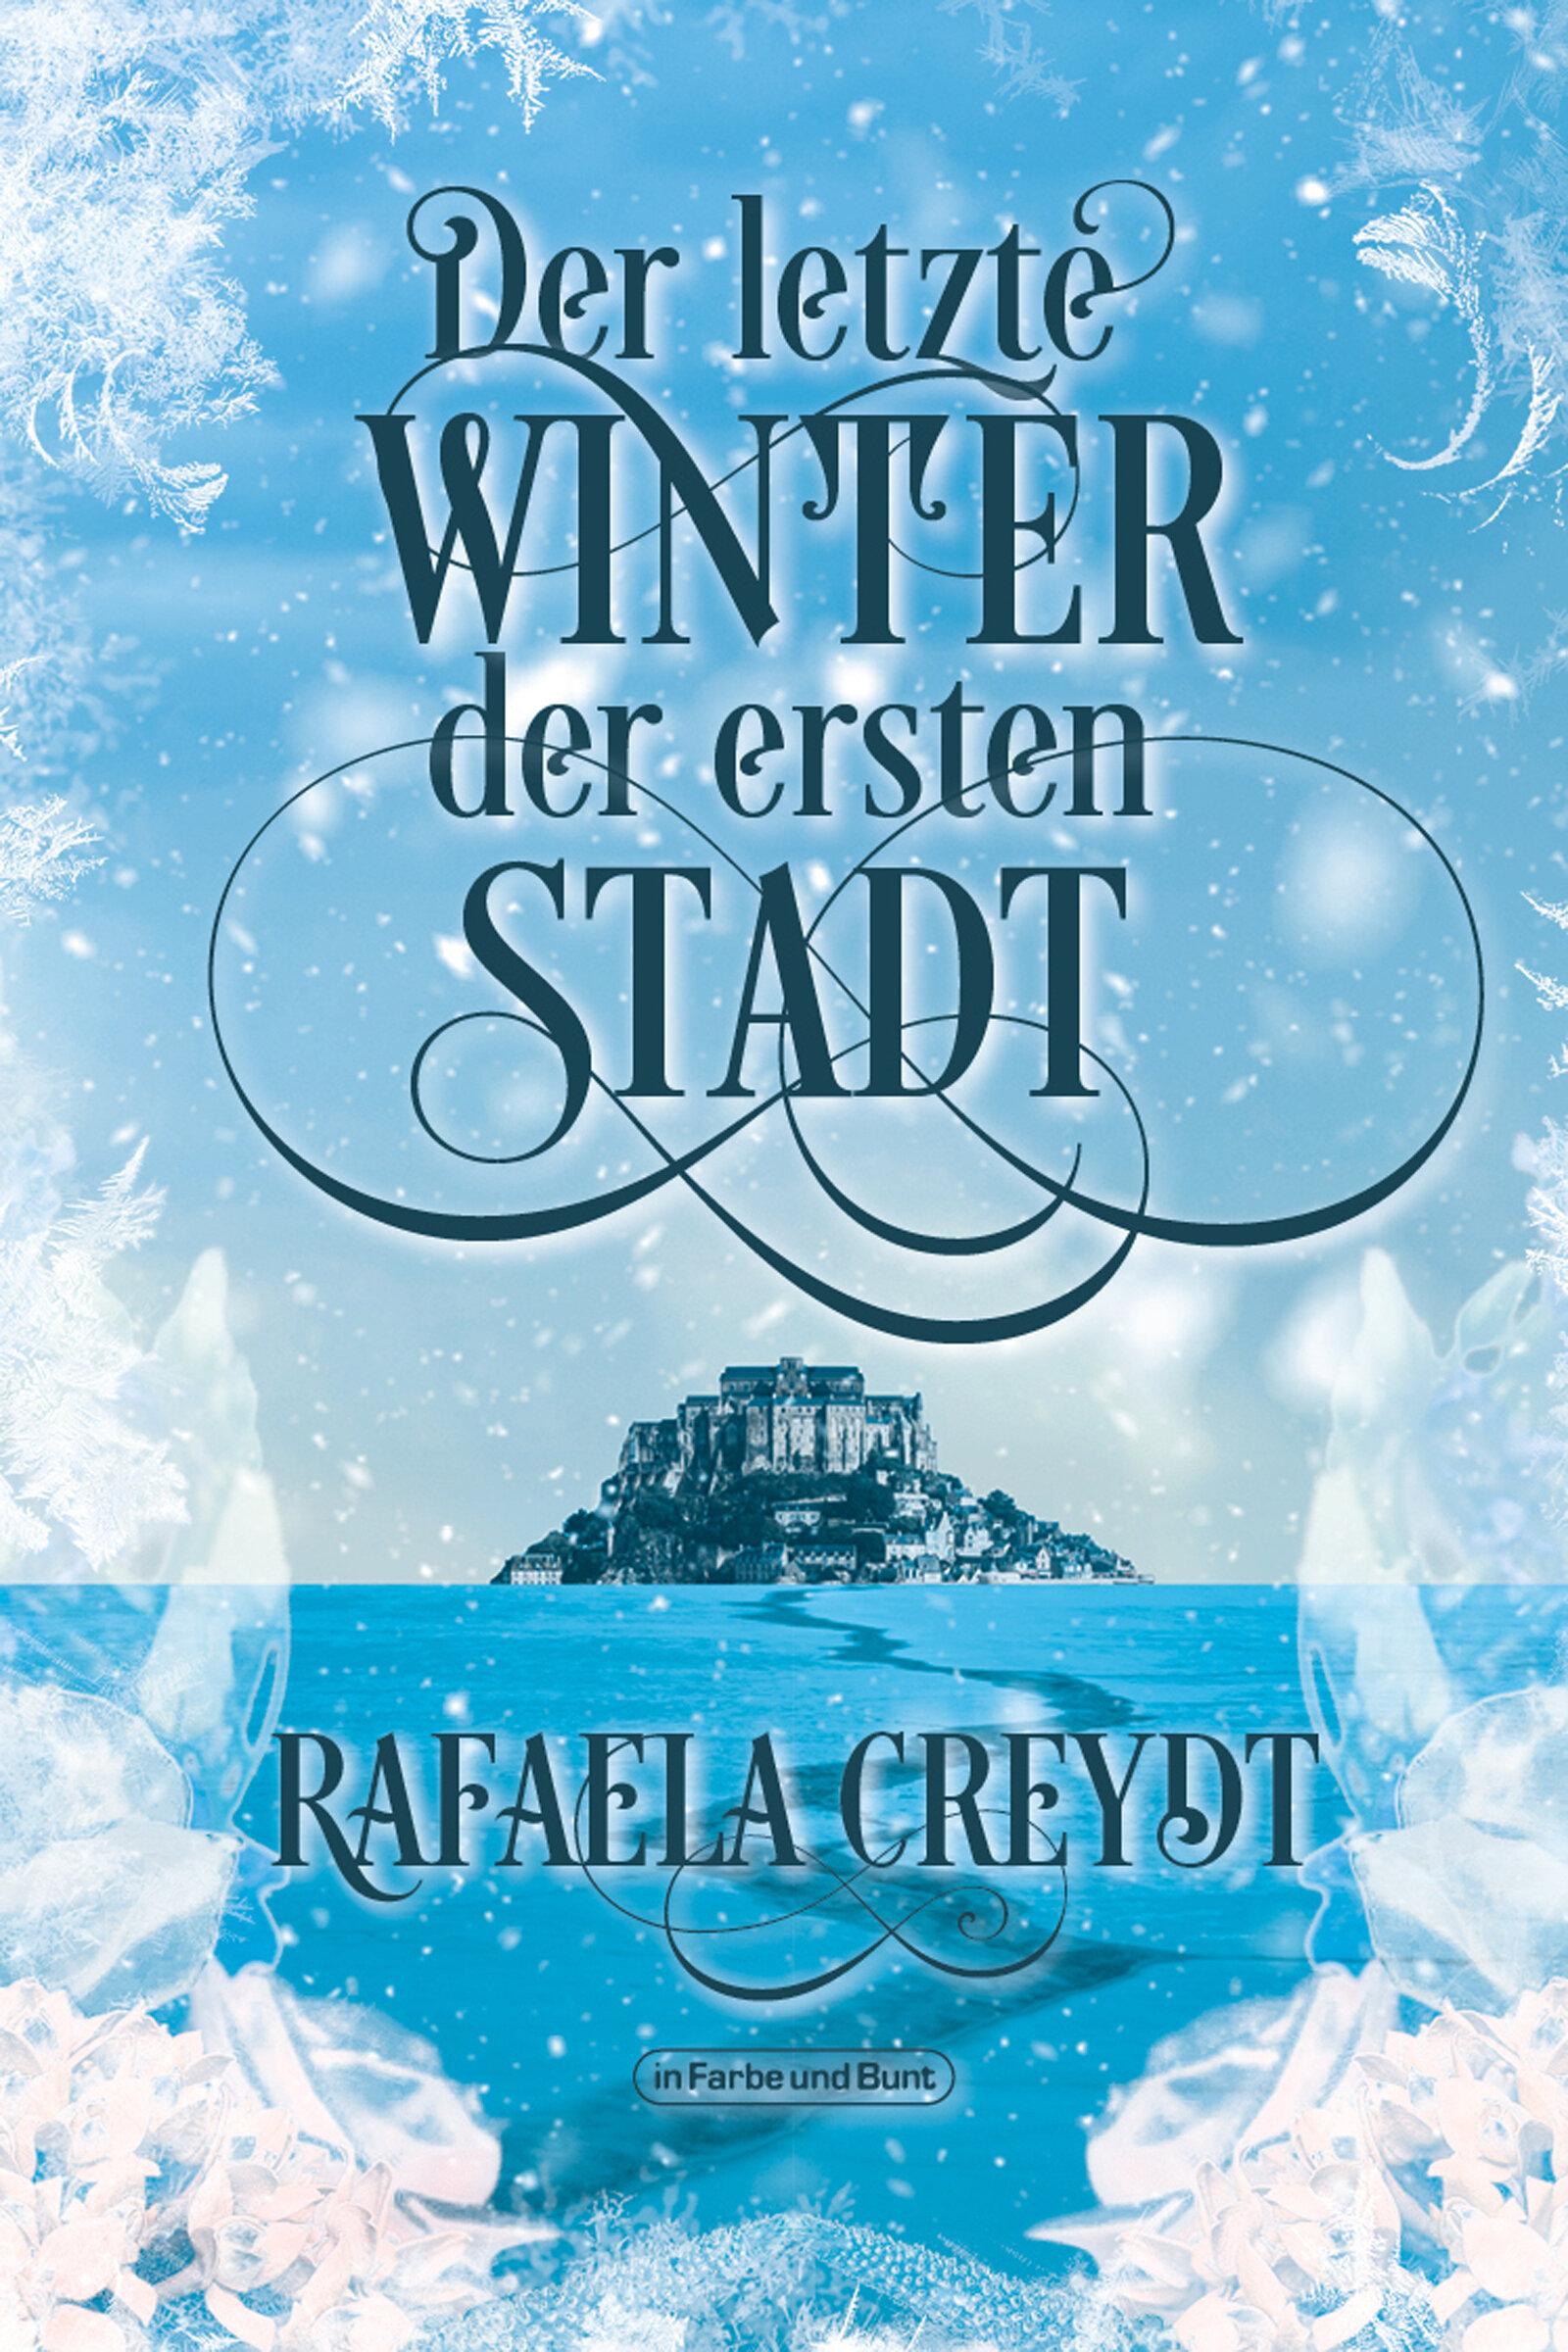 Creydt_Rafaela_Der_letzte_Winter_der_ersten_Stadt__phantastik-autoren-netzwerk.jpg